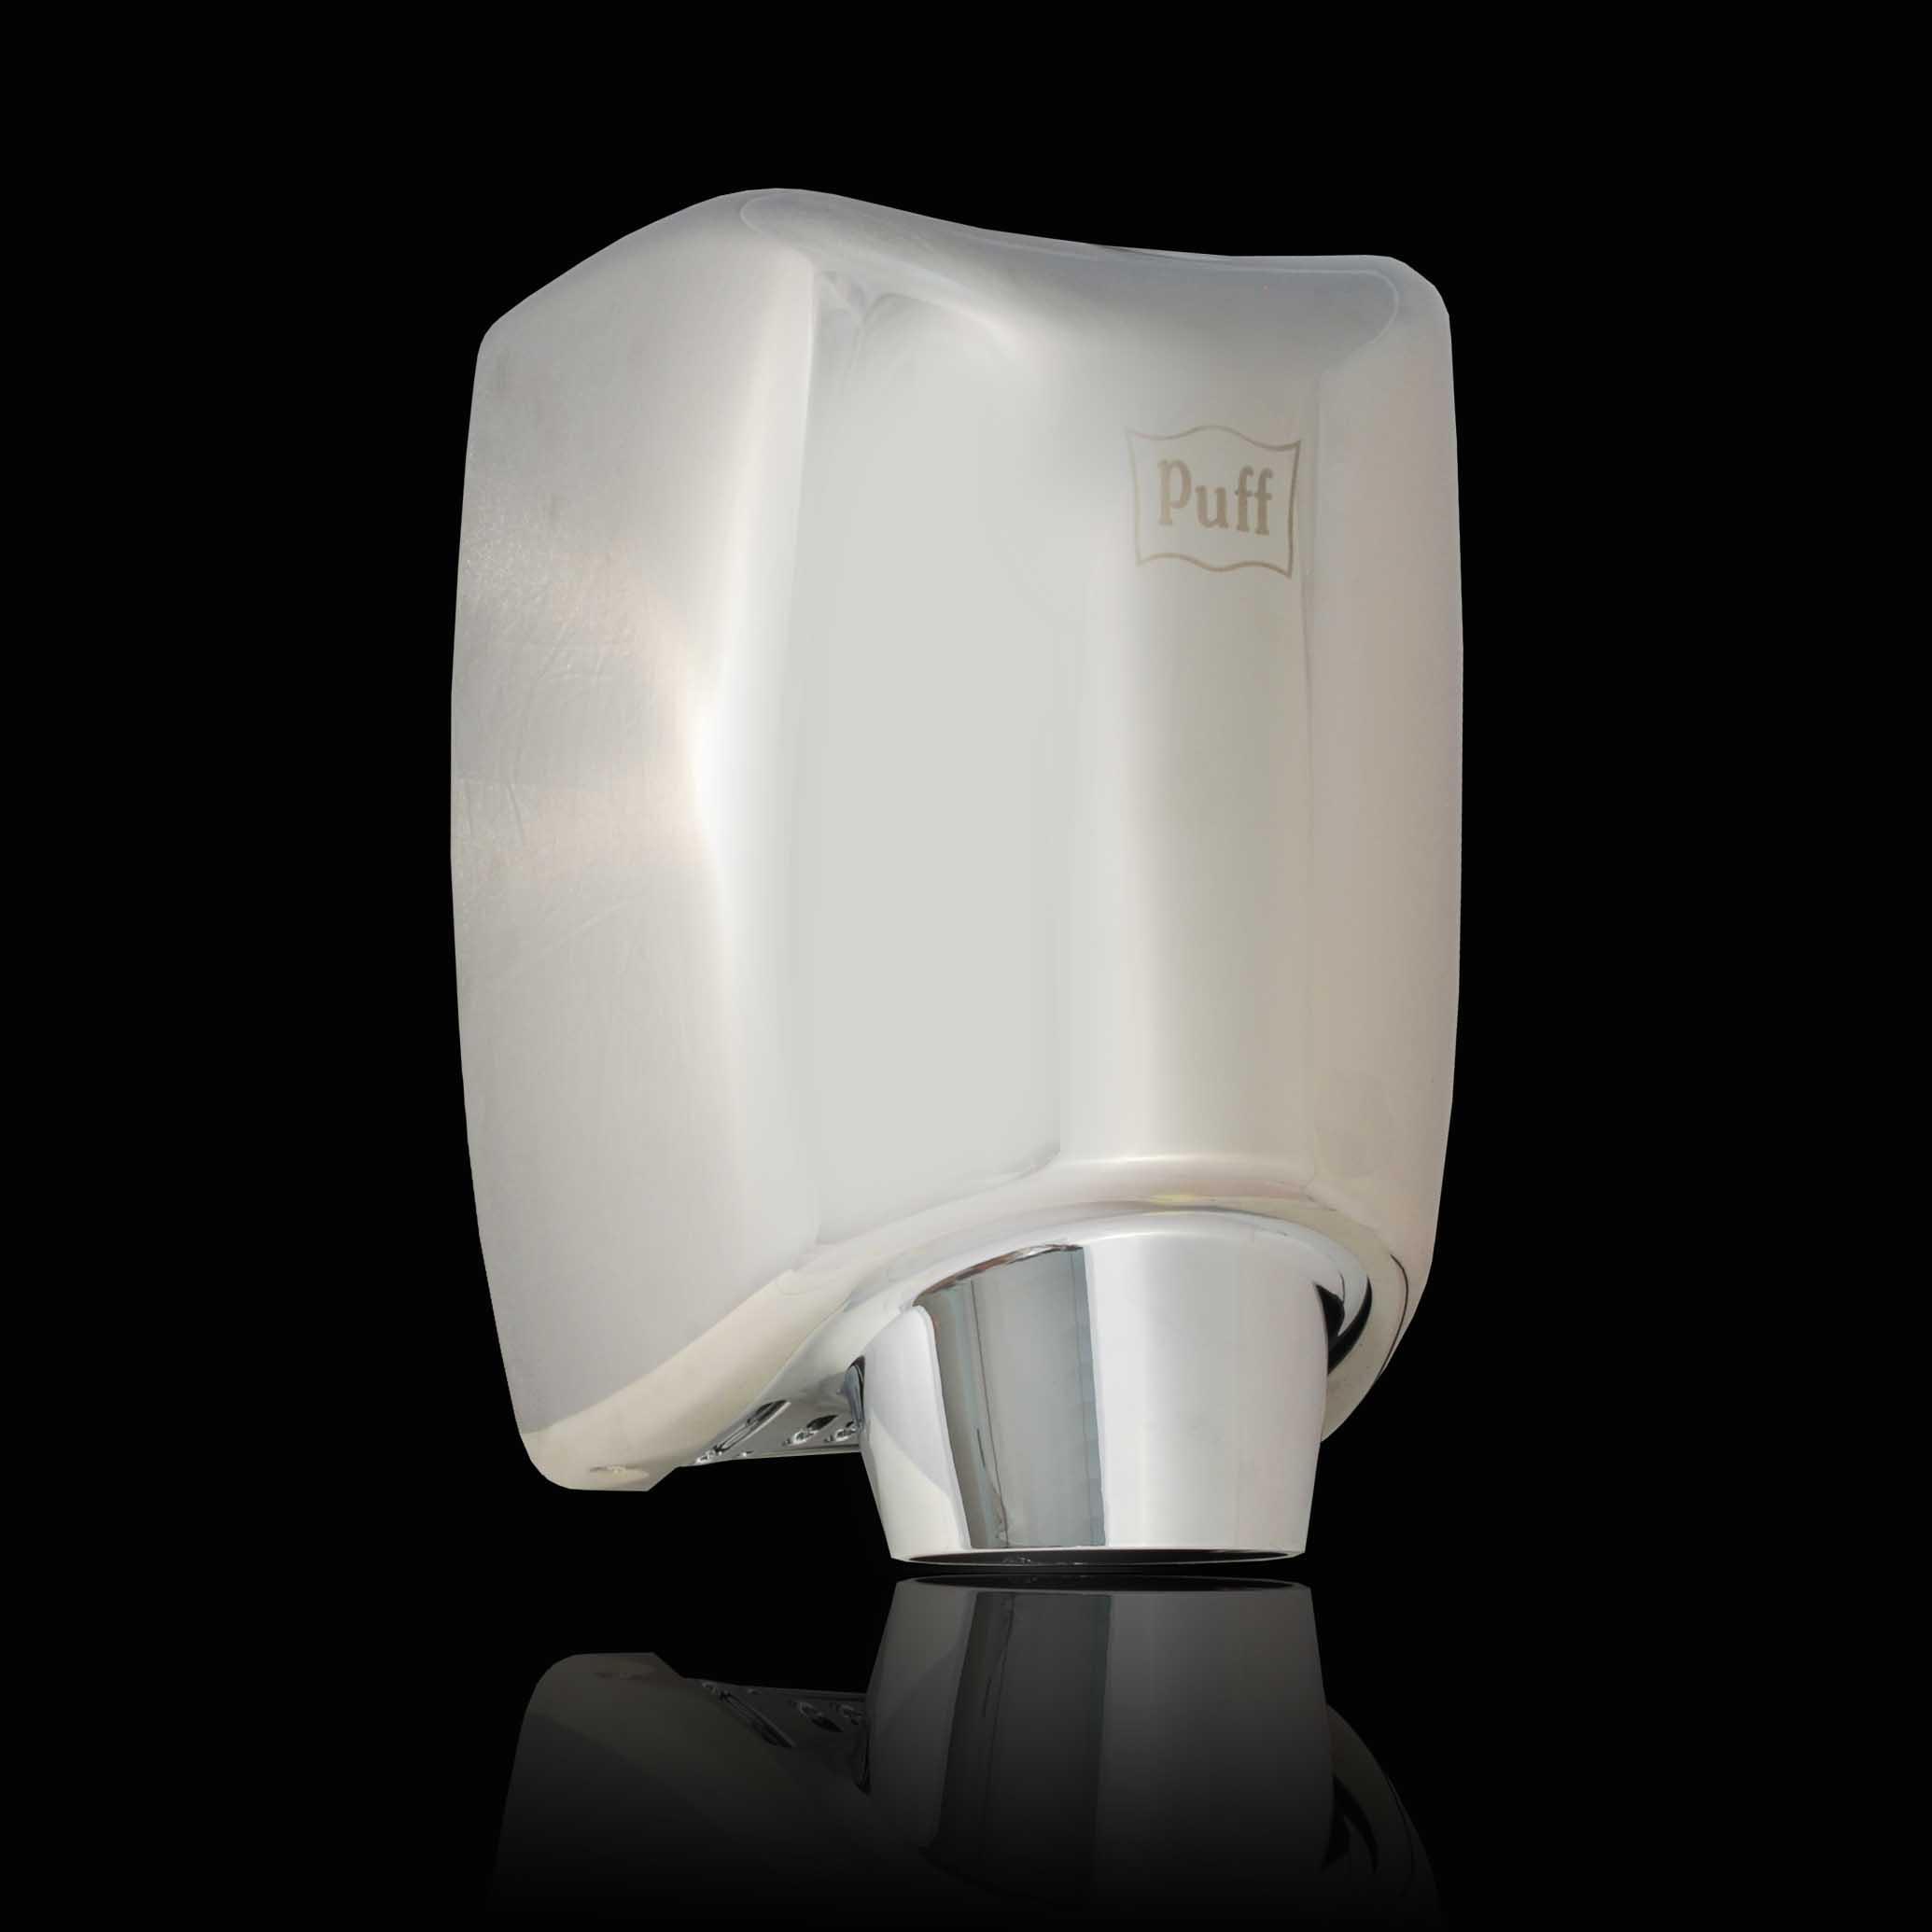 АнтивандальнаяВысокоскоростная сушилка для рукPuff-8856Подробнее Энергоэффективная! Сочетает в себе такие параметры как качество, экономичность и интересный дизайн. Сделана из высококачественной нержавеющей стали 1,5 мм. Есть кнопка переключения холодный/горячий воздух.  Материал корпуса: нержавеющая стальЦвет: хромМощность (Вт): 1200Скорость воздушного потока (м/сек): 80Время сушки рук (сек): 5-7Механизм включения: автоматическийОбласть срабатывания сенсора, см: 5-20Уровень шума, дБ: 75Температура воздушного потока,23/54 С2 режима - холодный/горячий воздухКласс влагозащищенности: IPX1Защита от перегрева/перегрузки: даВес брутто/нетто, кг: 6,2/5,4Габаритные размеры (мм) (ШхГхВ): 200х235х300Гарантия: 12 мес.